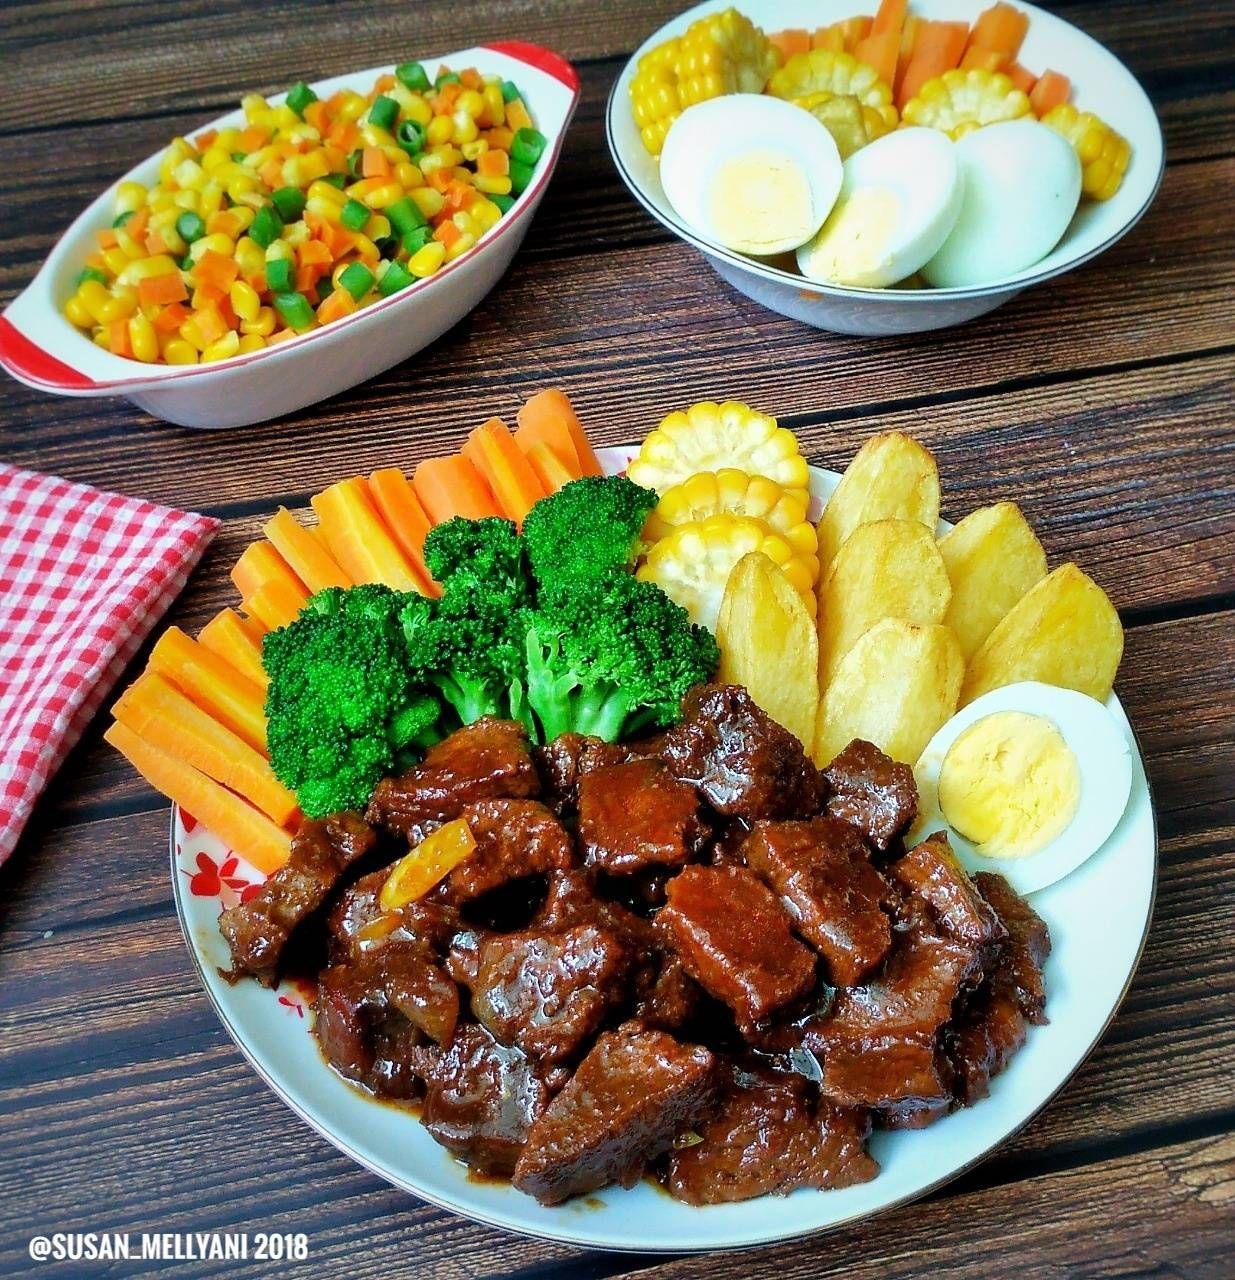 Resep Bistik Daging Kambing Oleh Susan Mellyani Resep Resep Daging Sapi Daging Kambing Resep